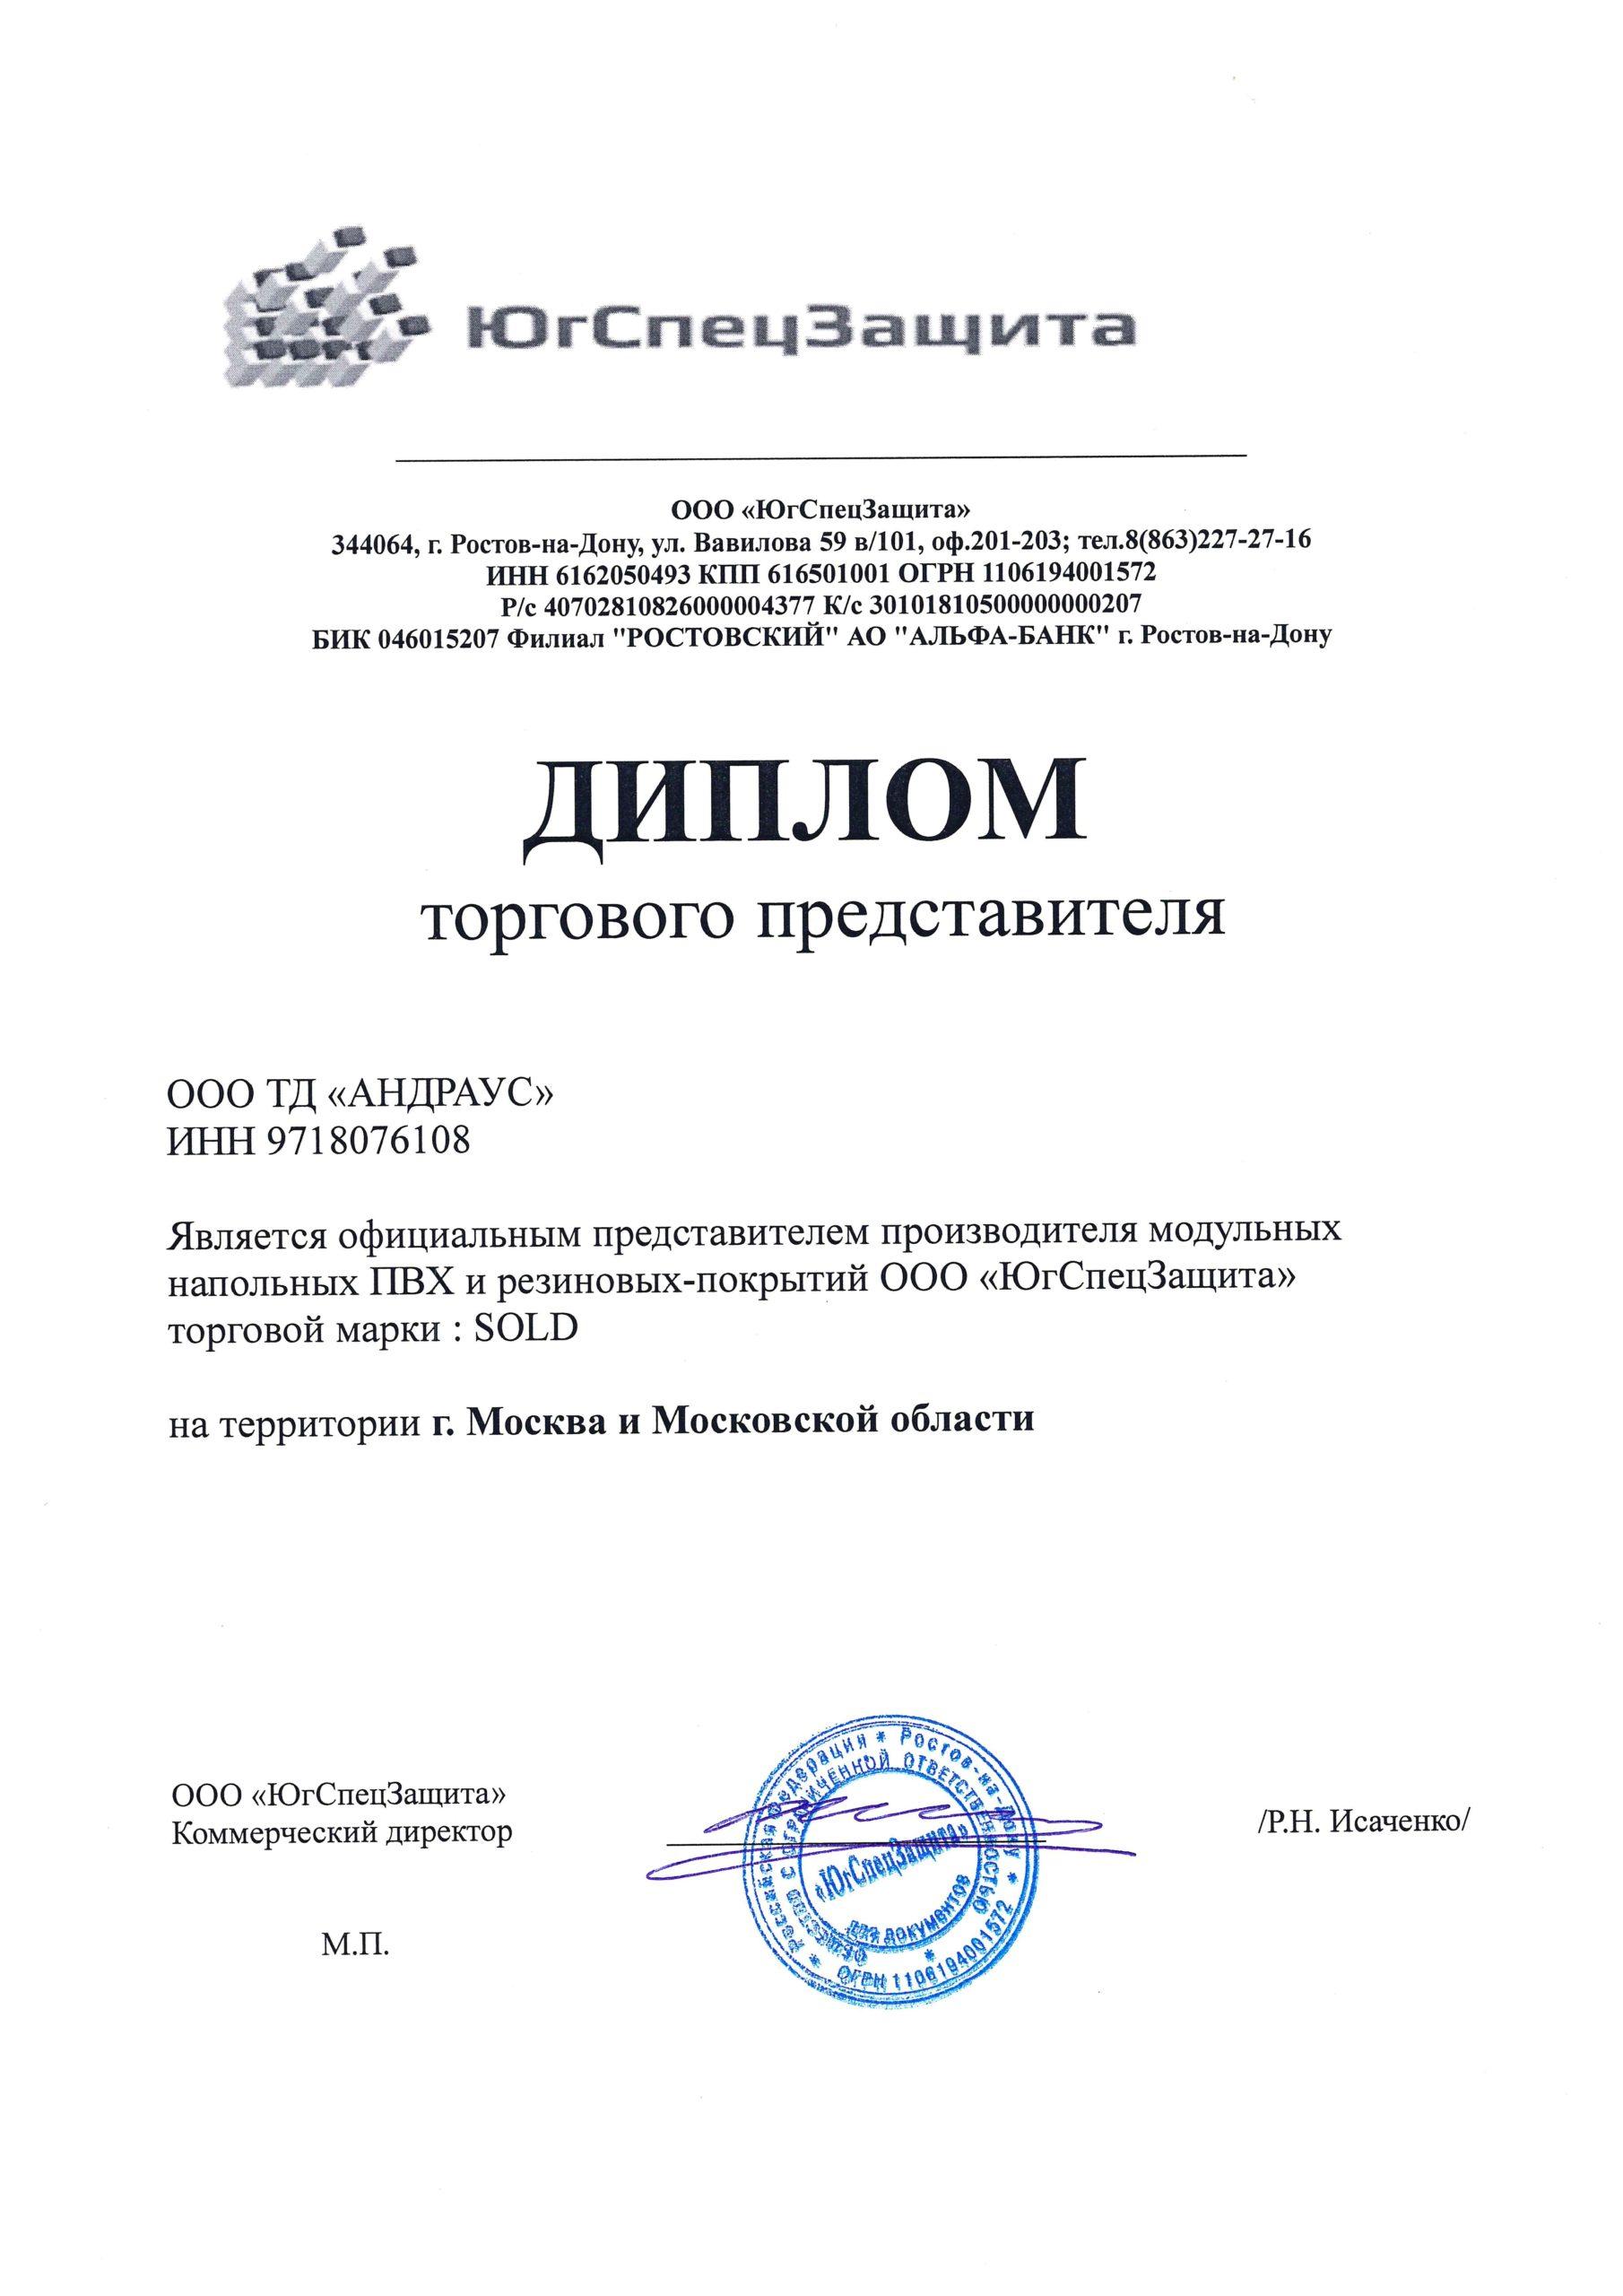 Диплом торгового представителя ANDRAUS Sold